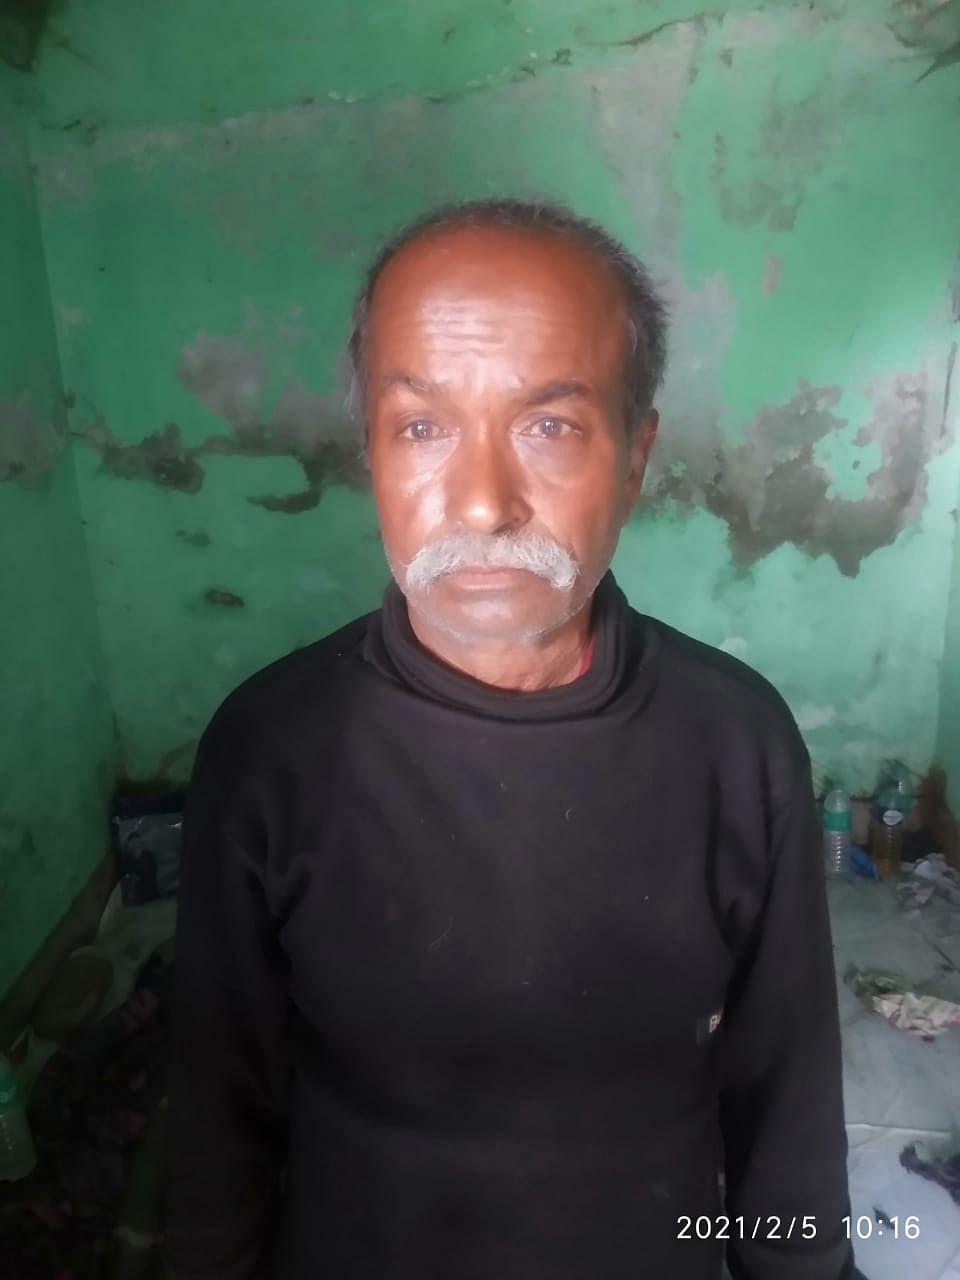 मुज़फ़्फ़रपुर में शराबी पिता ने की धारदार हथियार से पुत्र की निर्मम हत्या